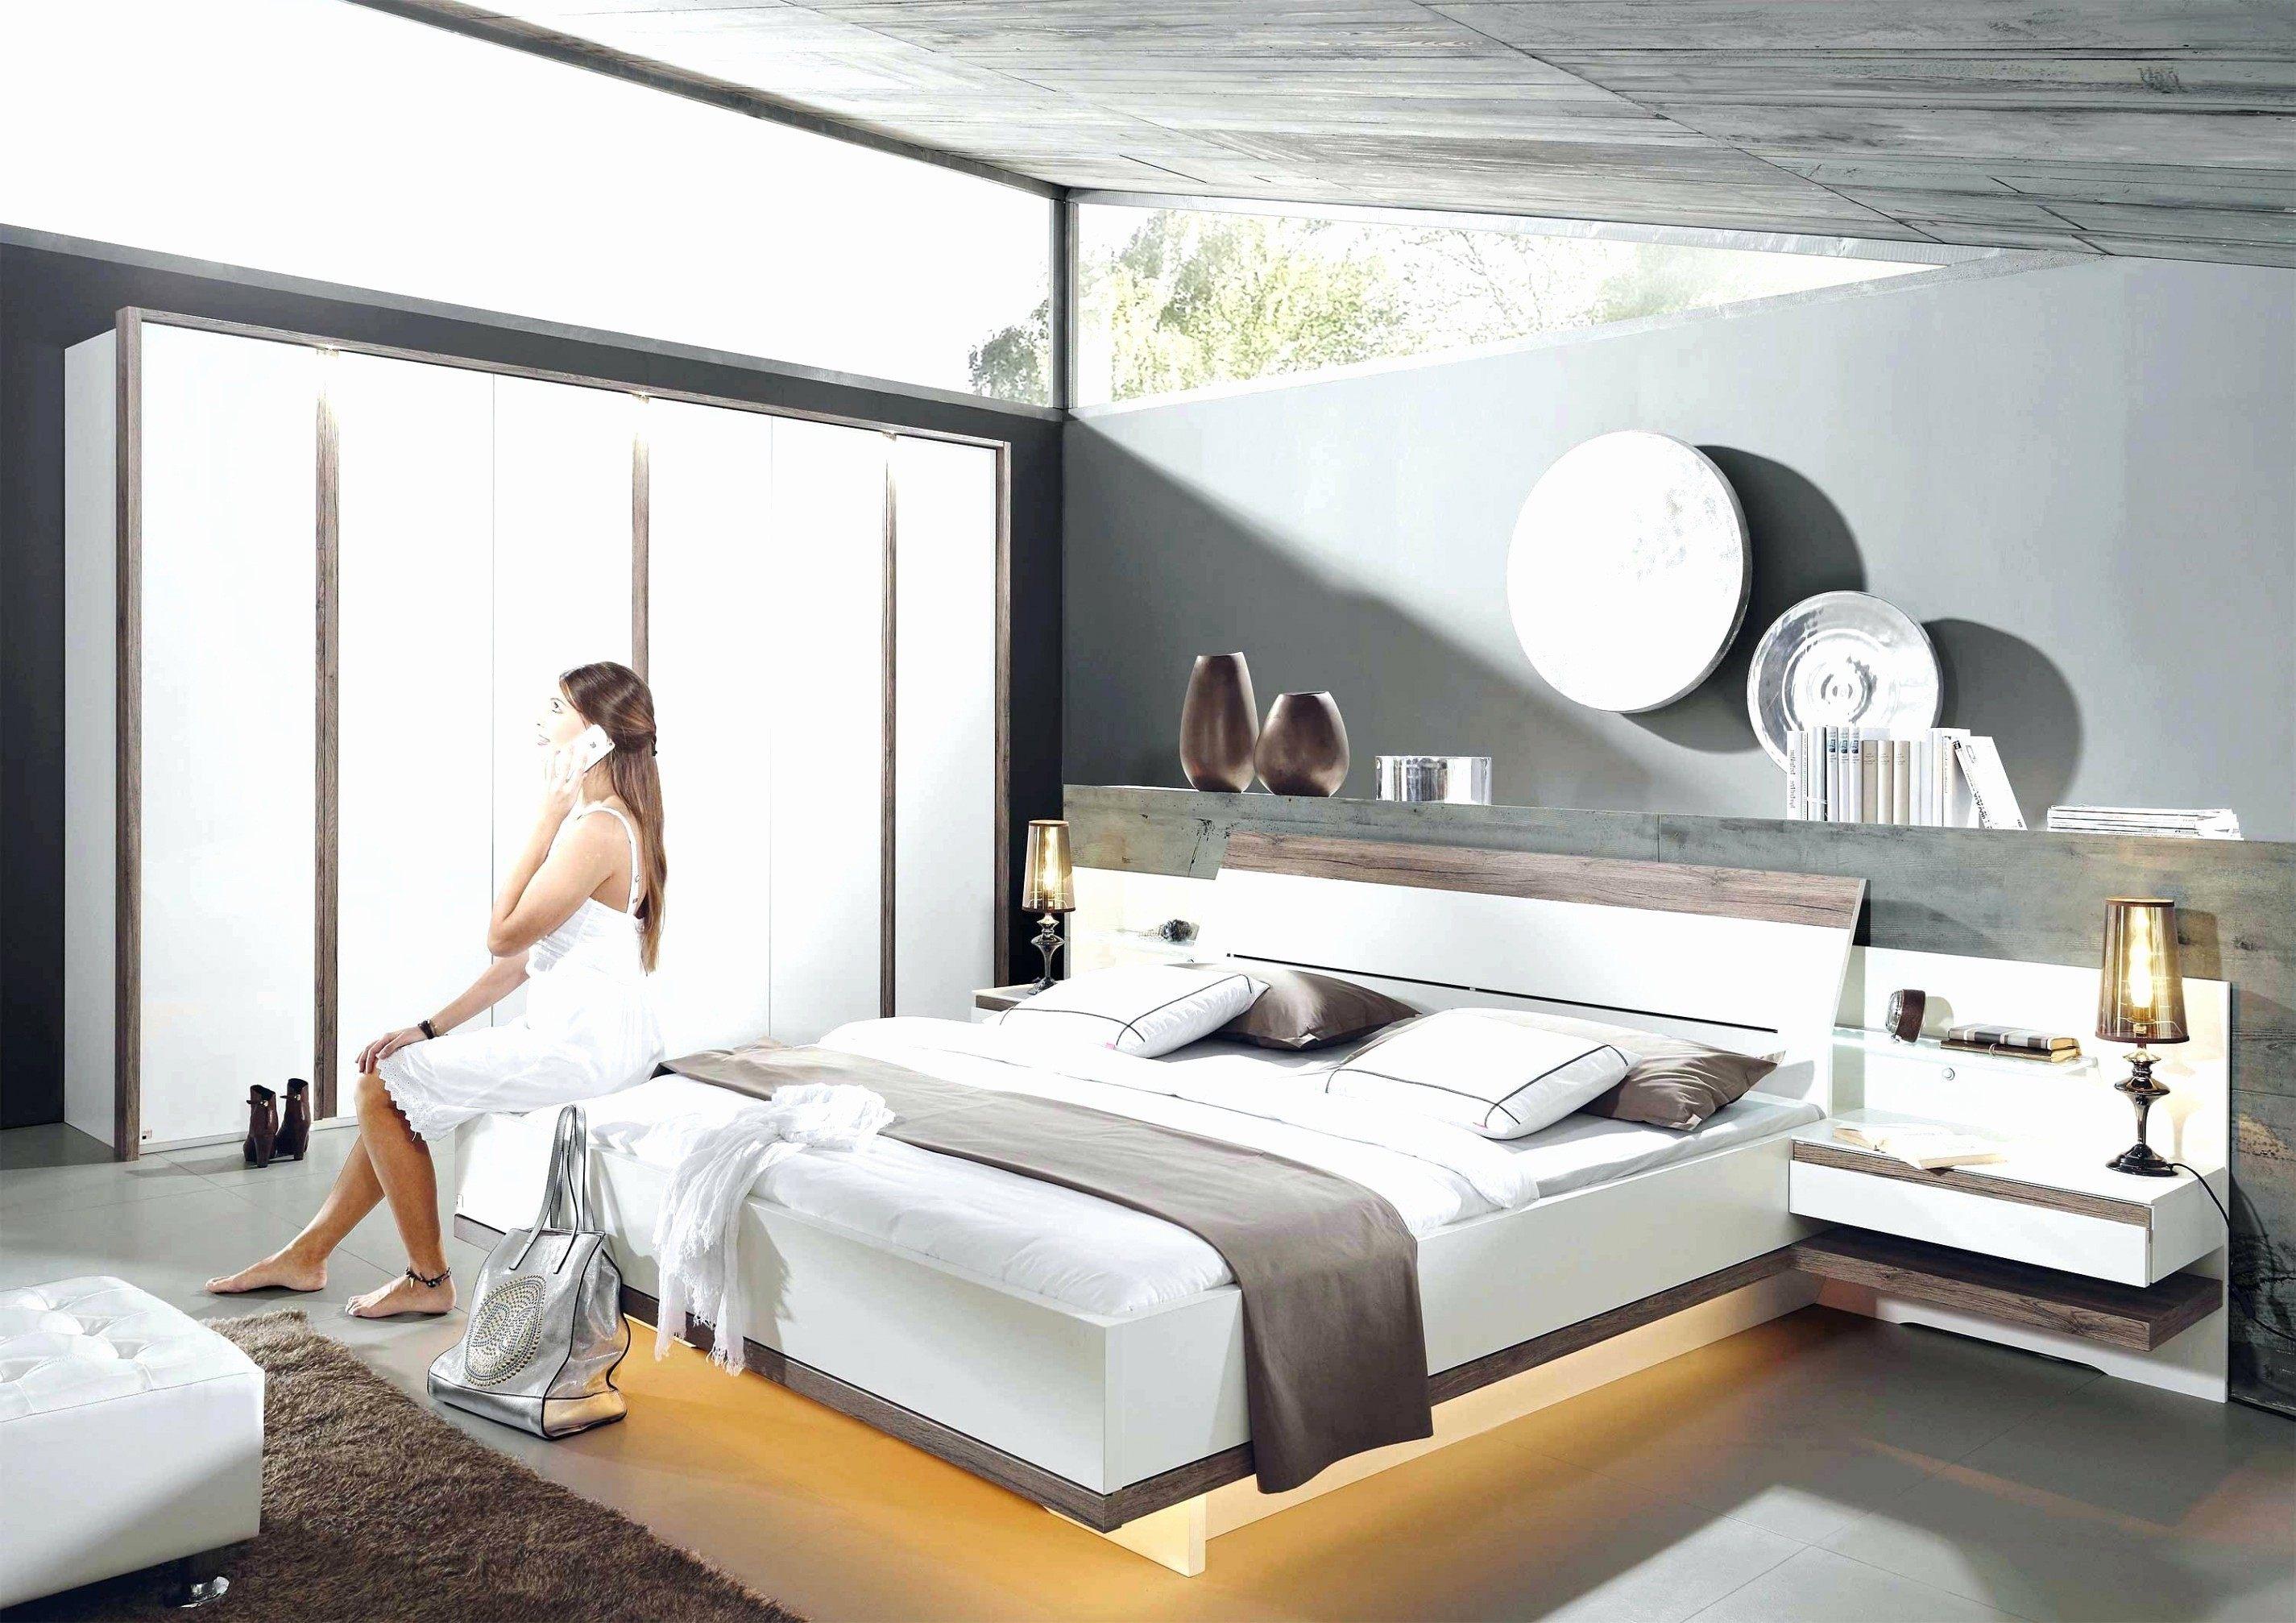 Lit En 160×200 Unique Lit Design Inspiré Lit 160×200 Unique Schön Lounge Bett 0d Archives